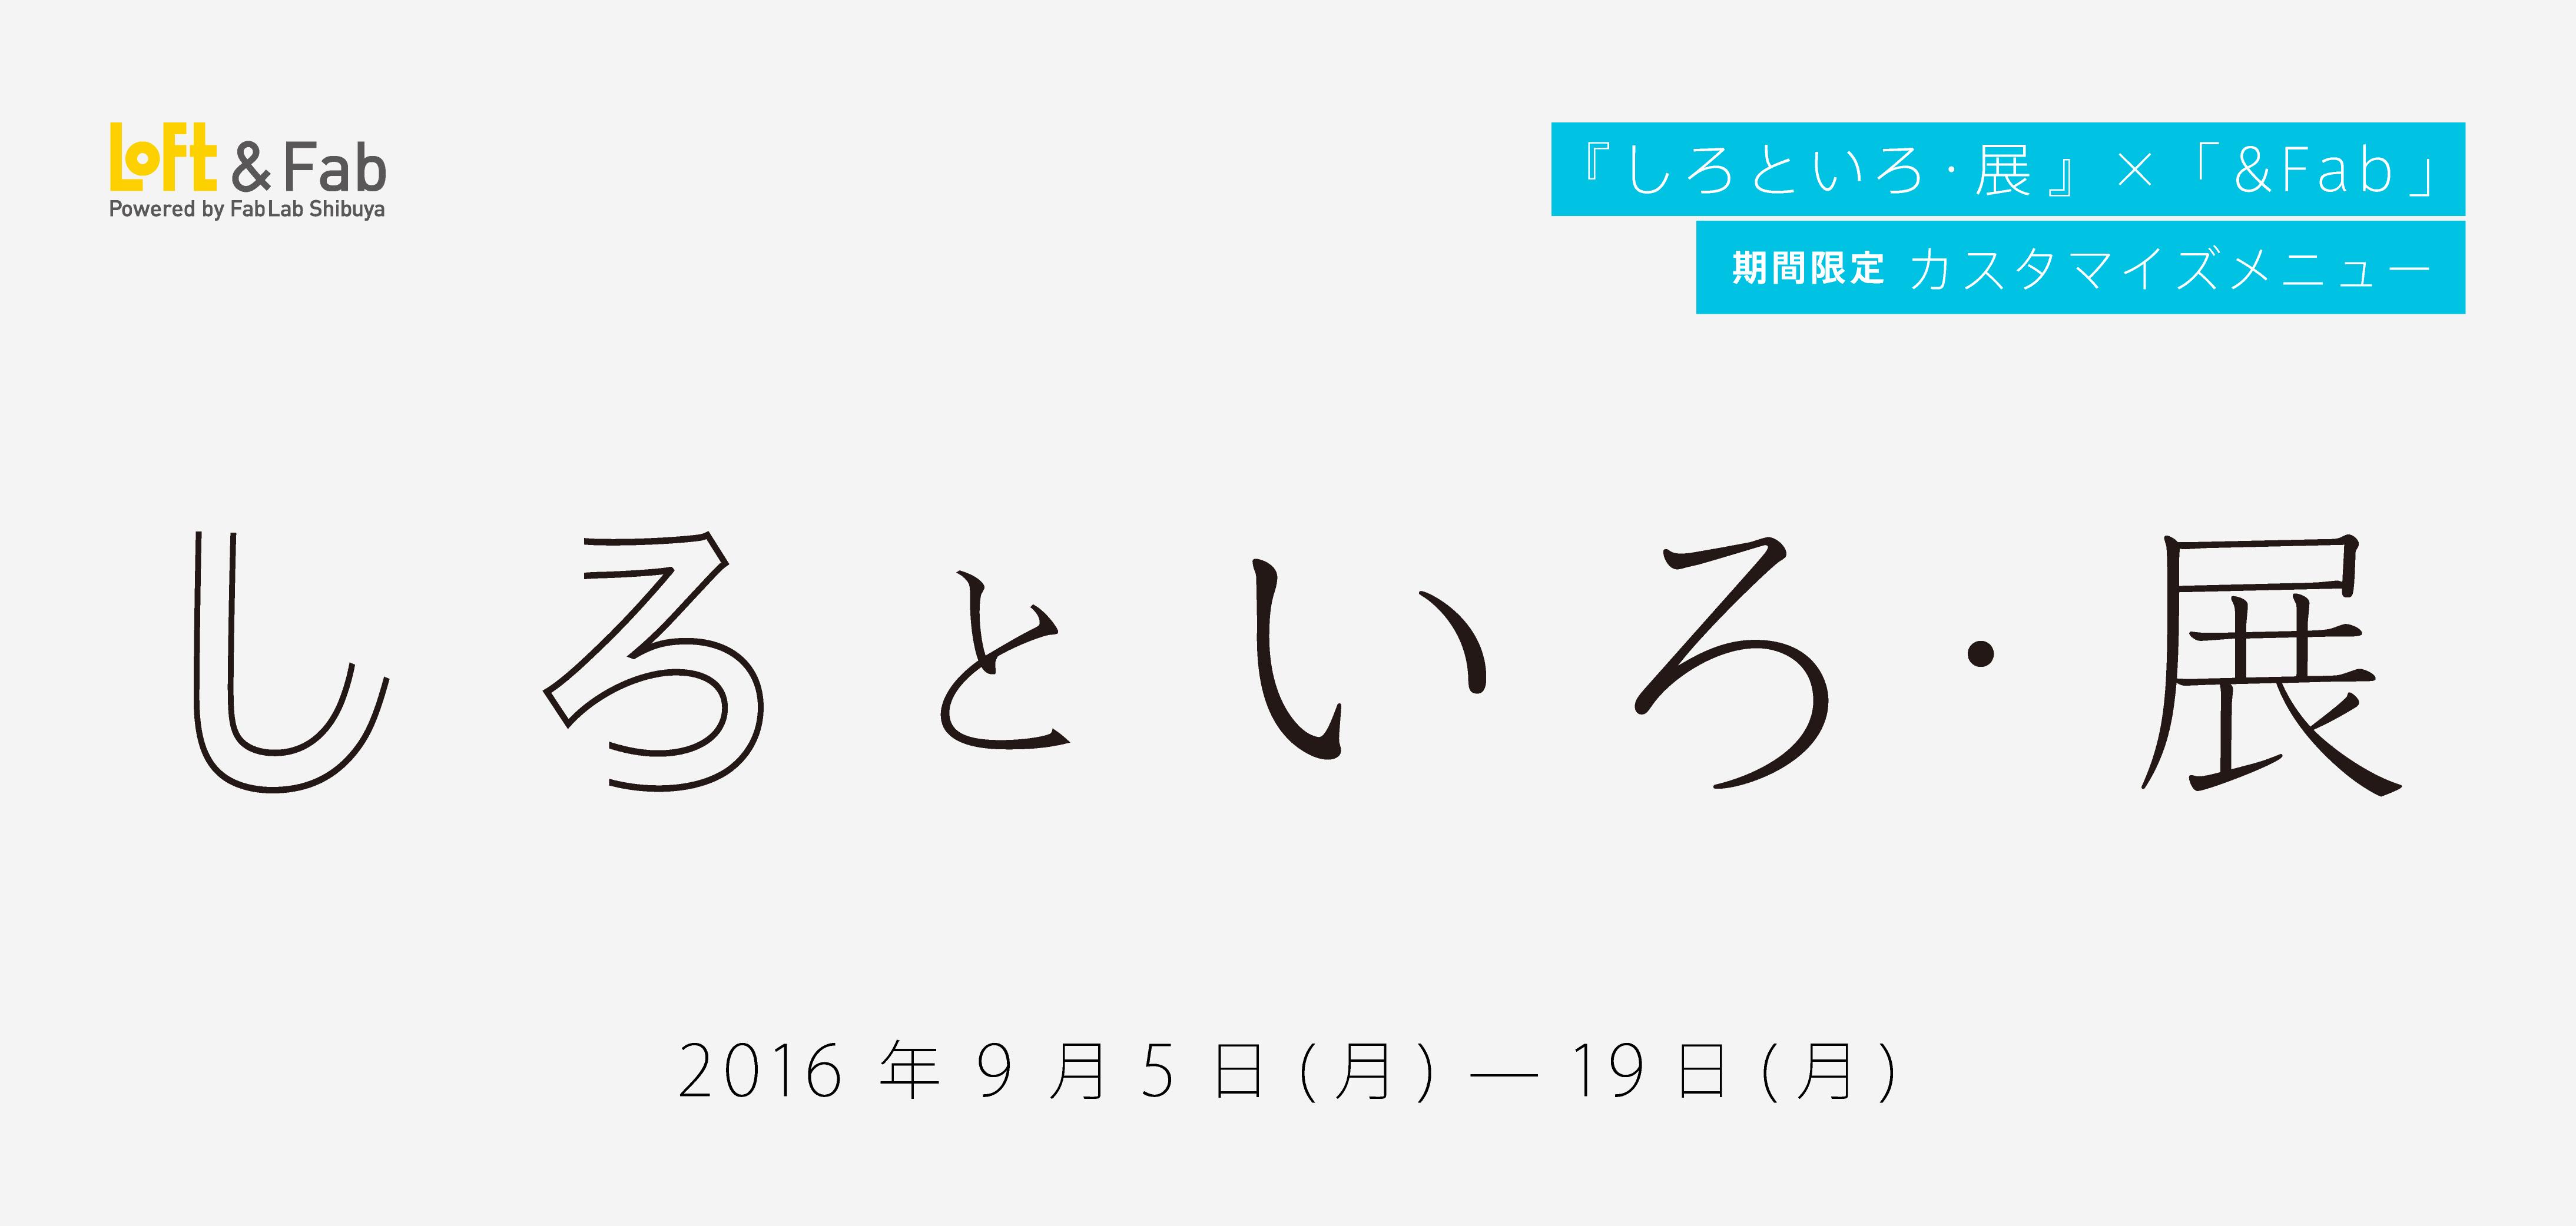 9月「しろといろ・展」×「&Fab」 期間限定カスタマイズメニュー【梅田】